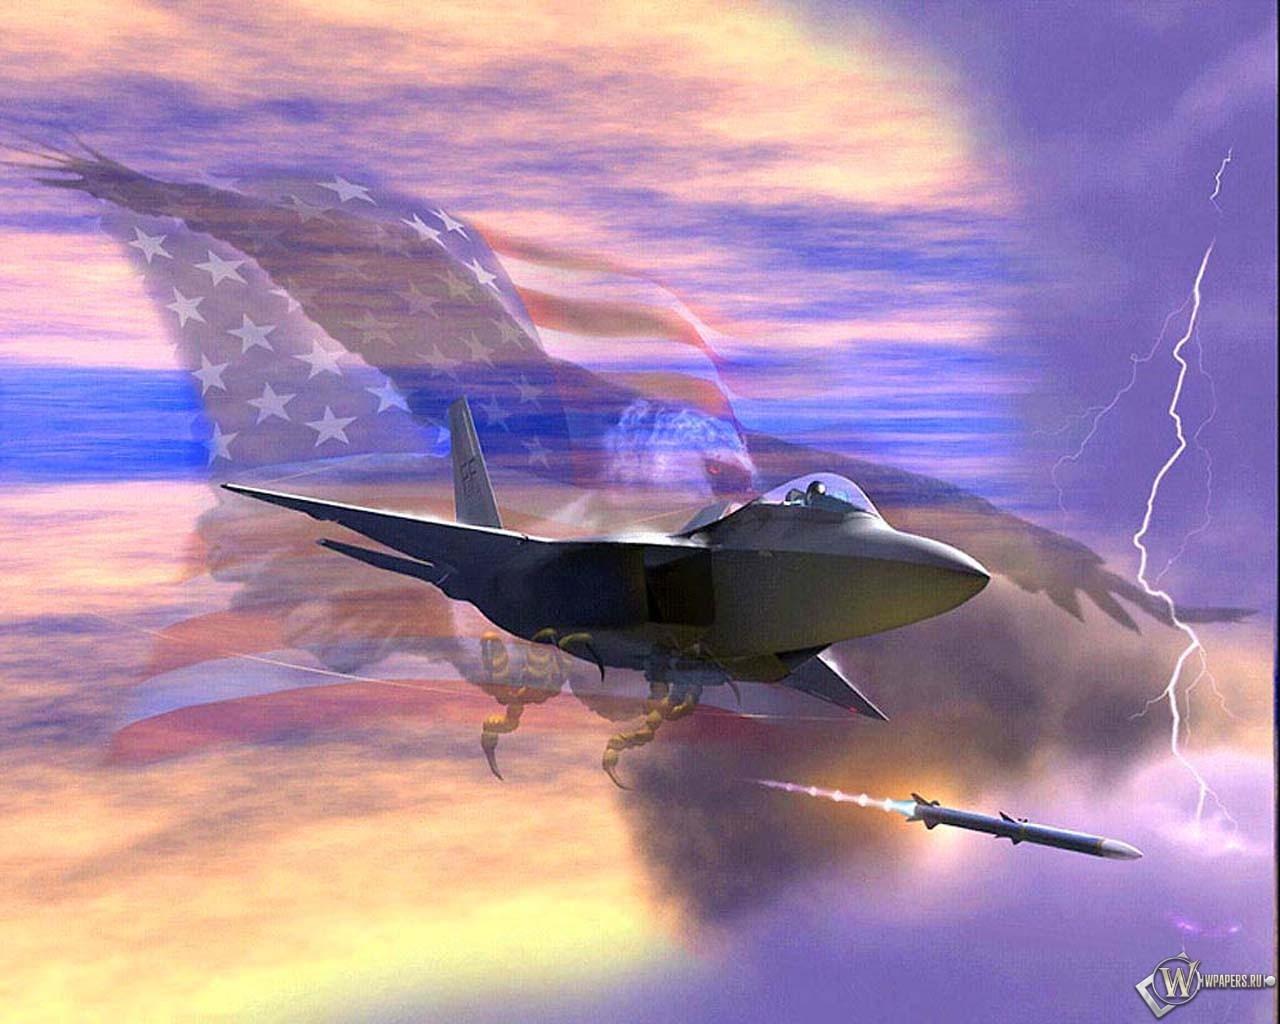 Пуск ракеты из истребителя 1280x1024